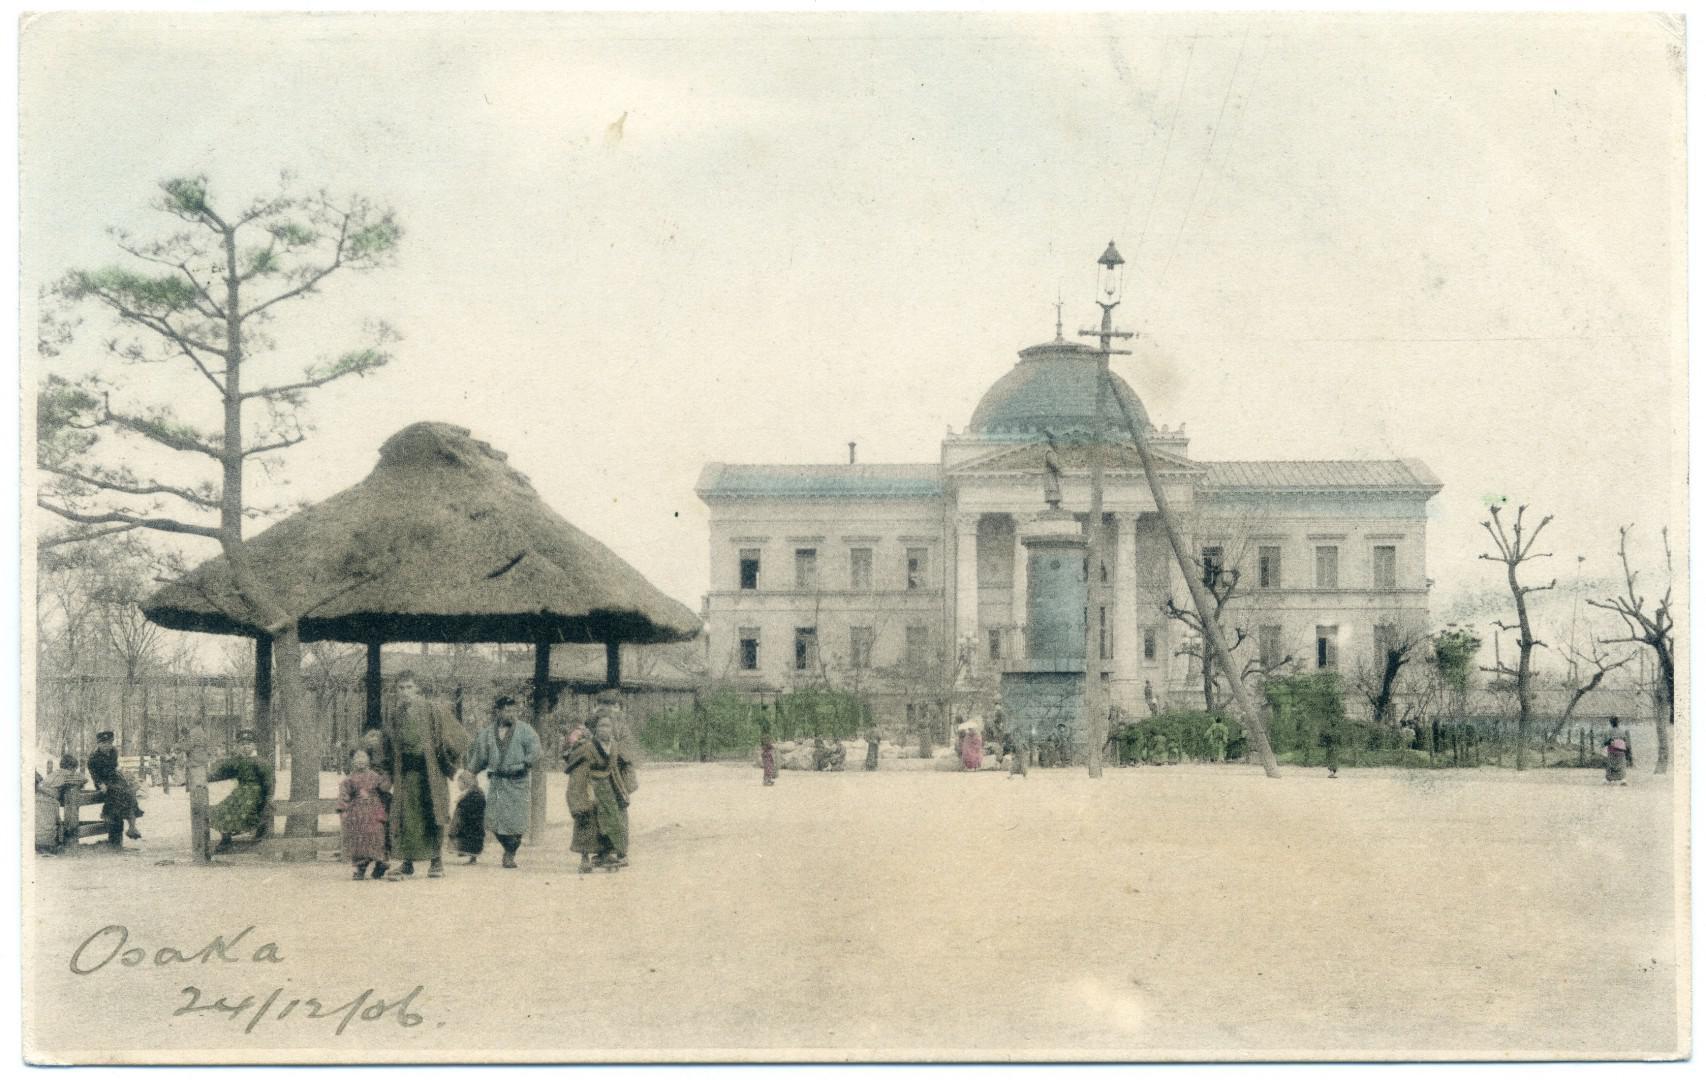 Osaka: Prefectural Nakanoshima Library (1904)